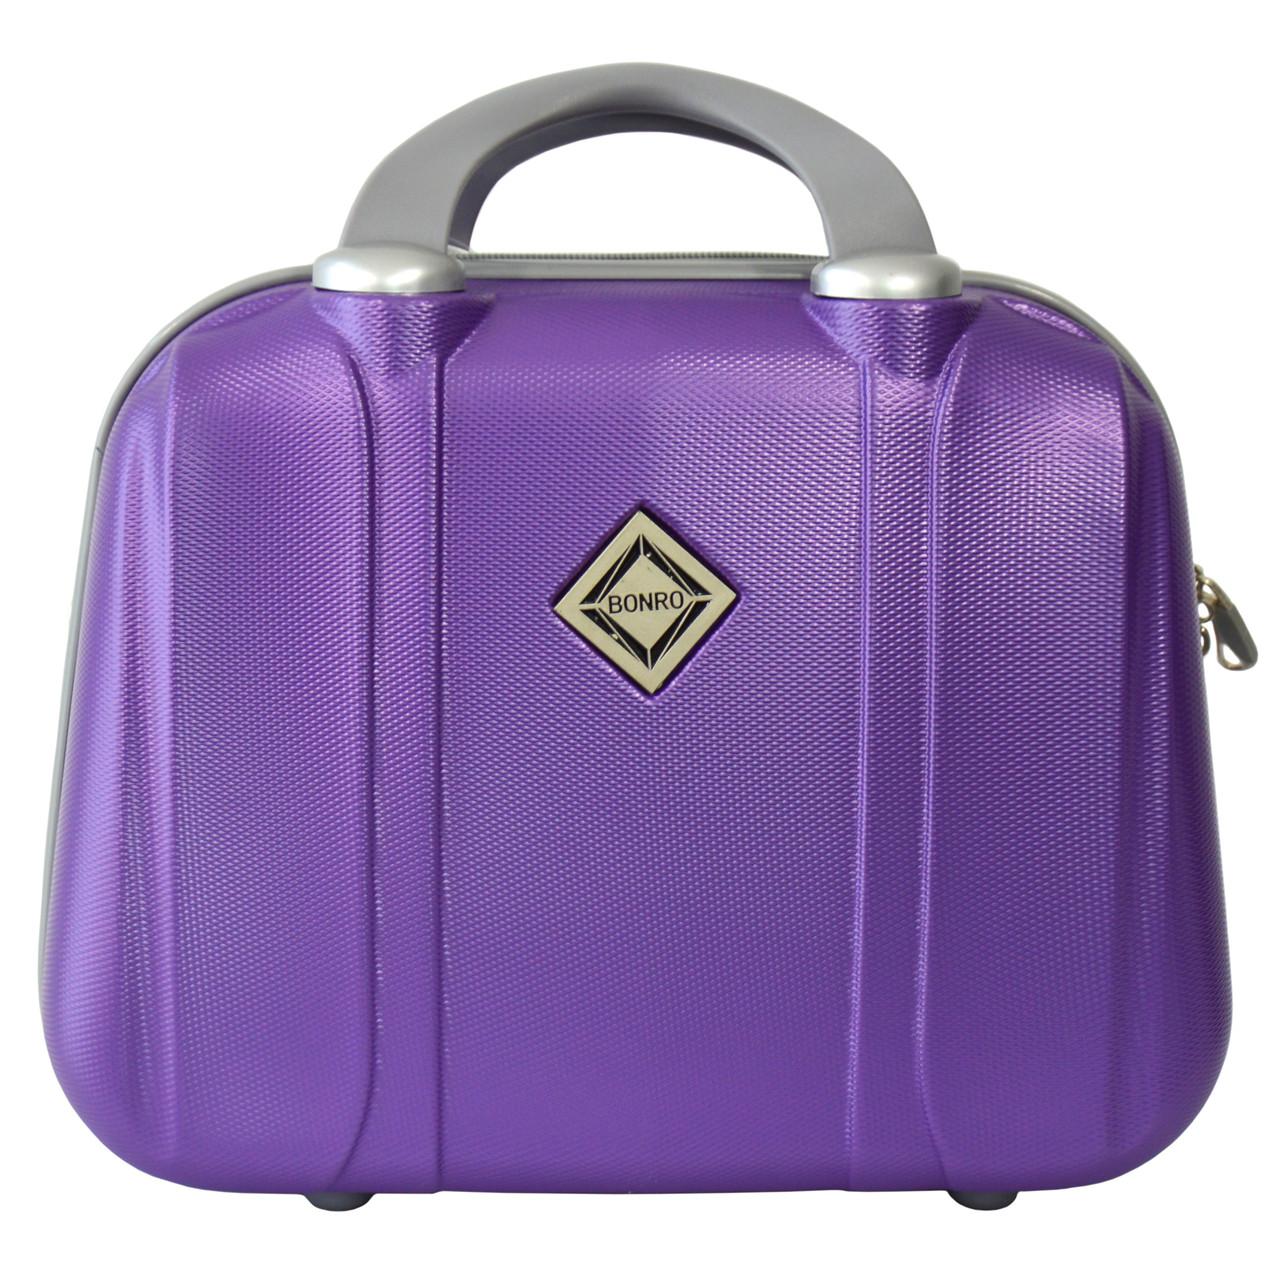 Сумка кейс саквояж Bonro Smile (небольшой) фиолетовый (purple 612)